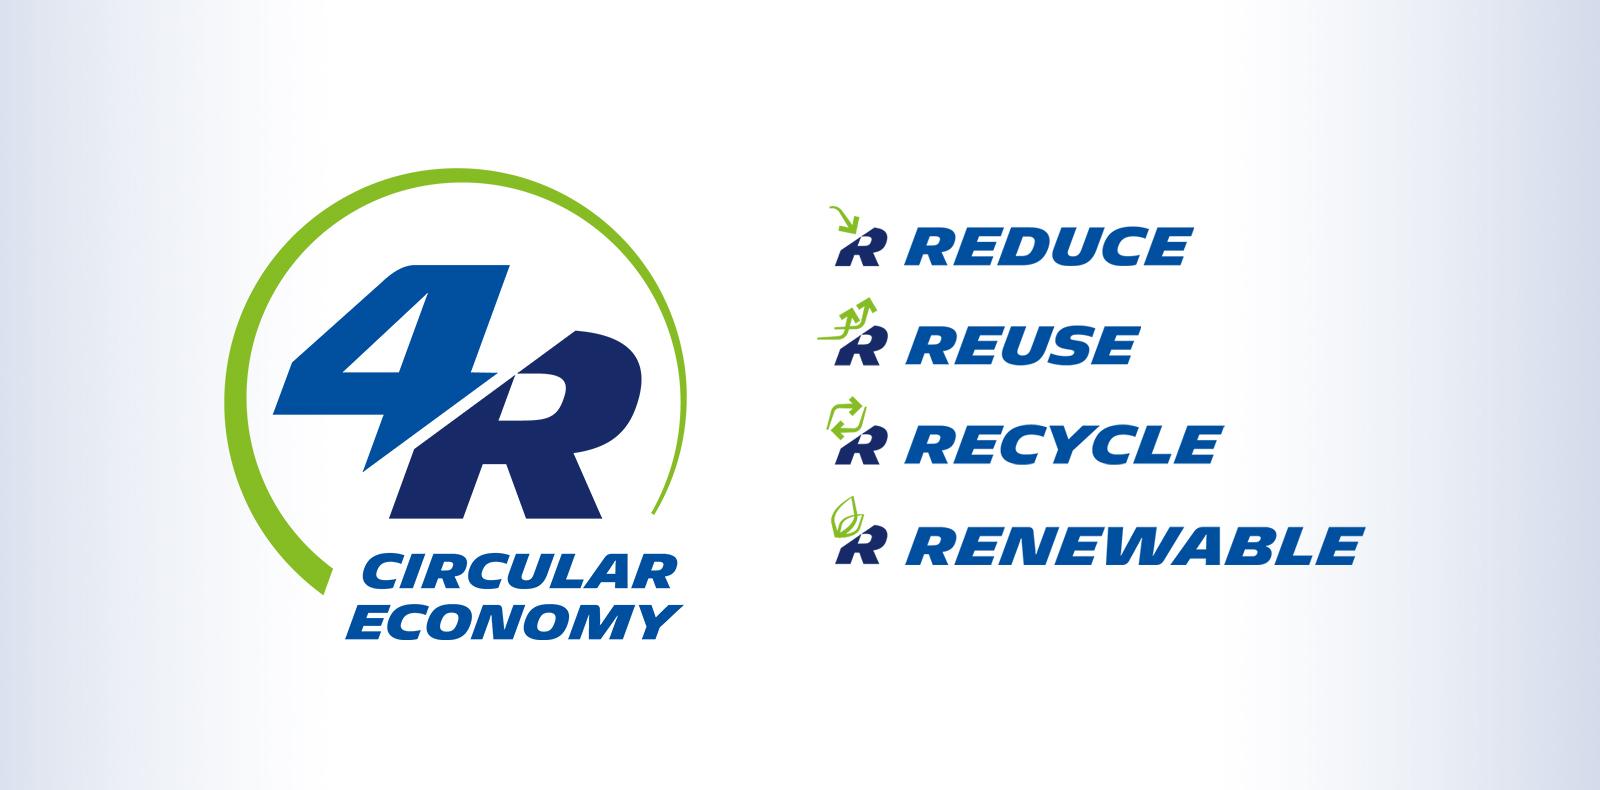 actu_recyclage_4r-en_1600x790